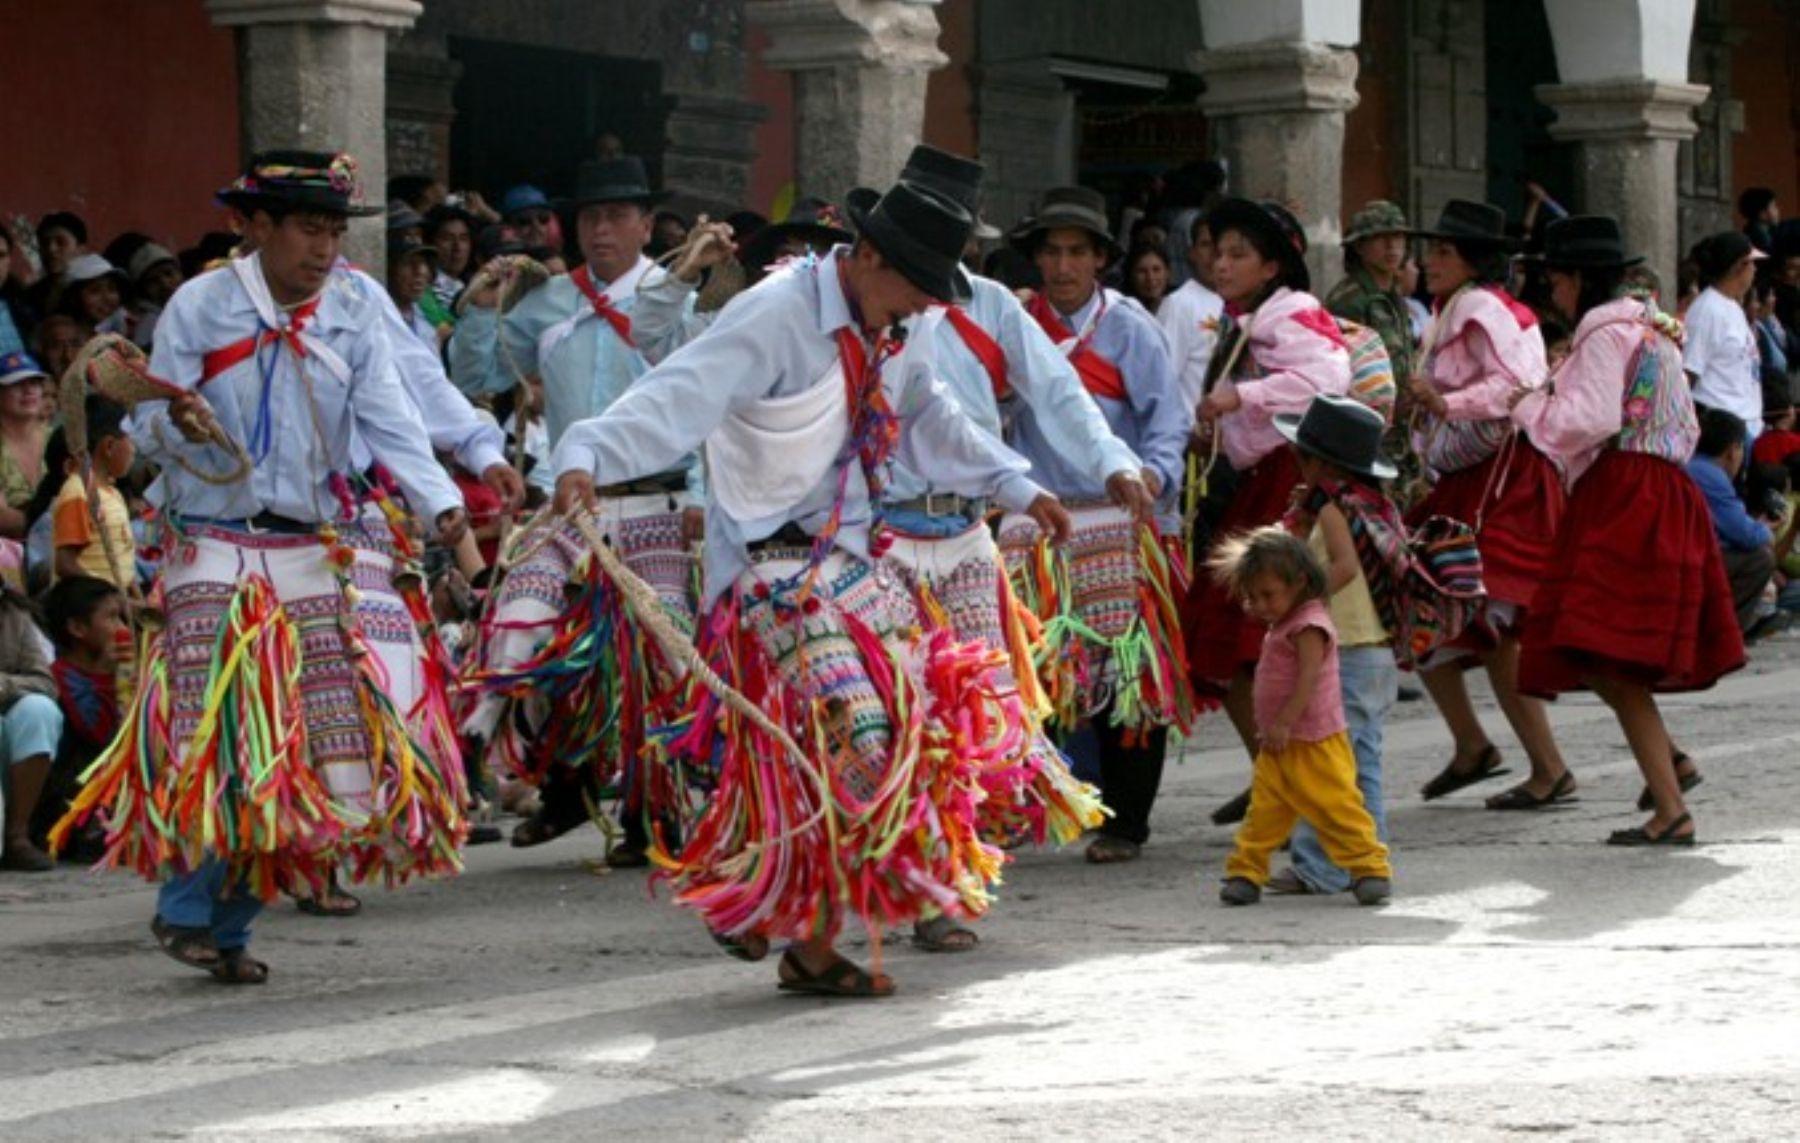 El carnaval de Ayacucho es reconocido como Patrimonio Cultural de la Nación.